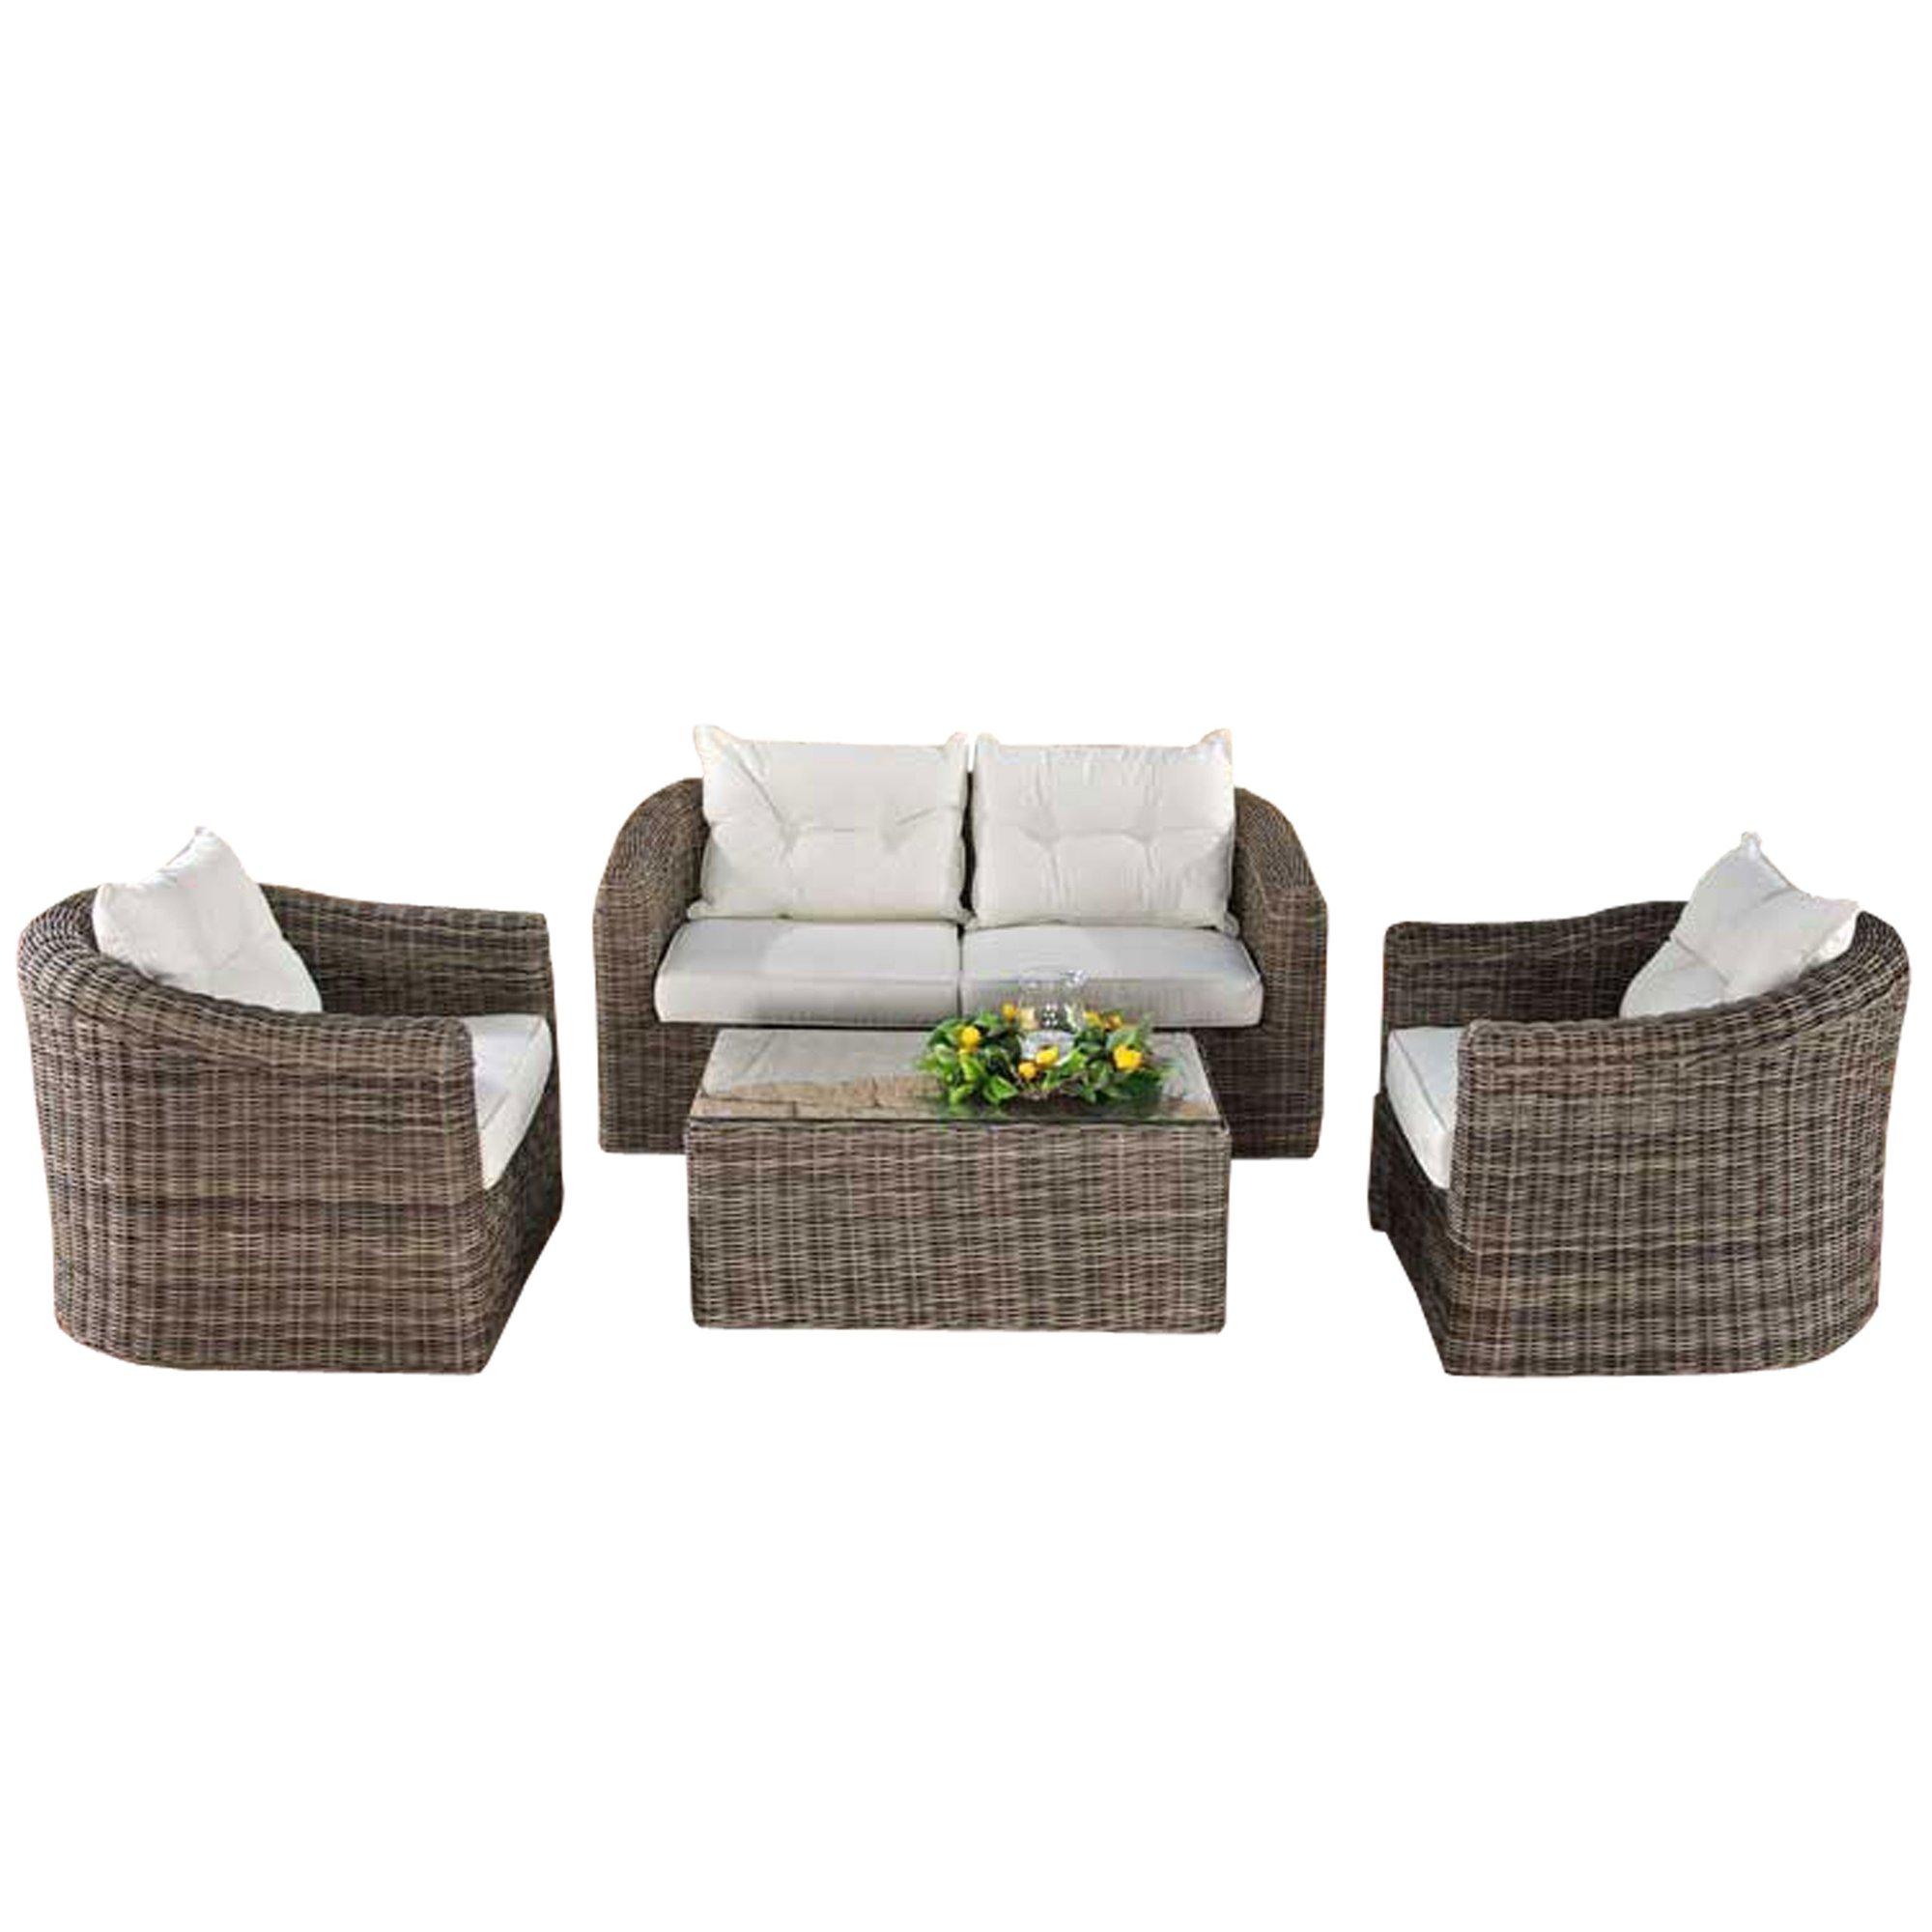 Conjunto muebles de jard n mandal conjunto muebles de - Conjuntos muebles jardin ...